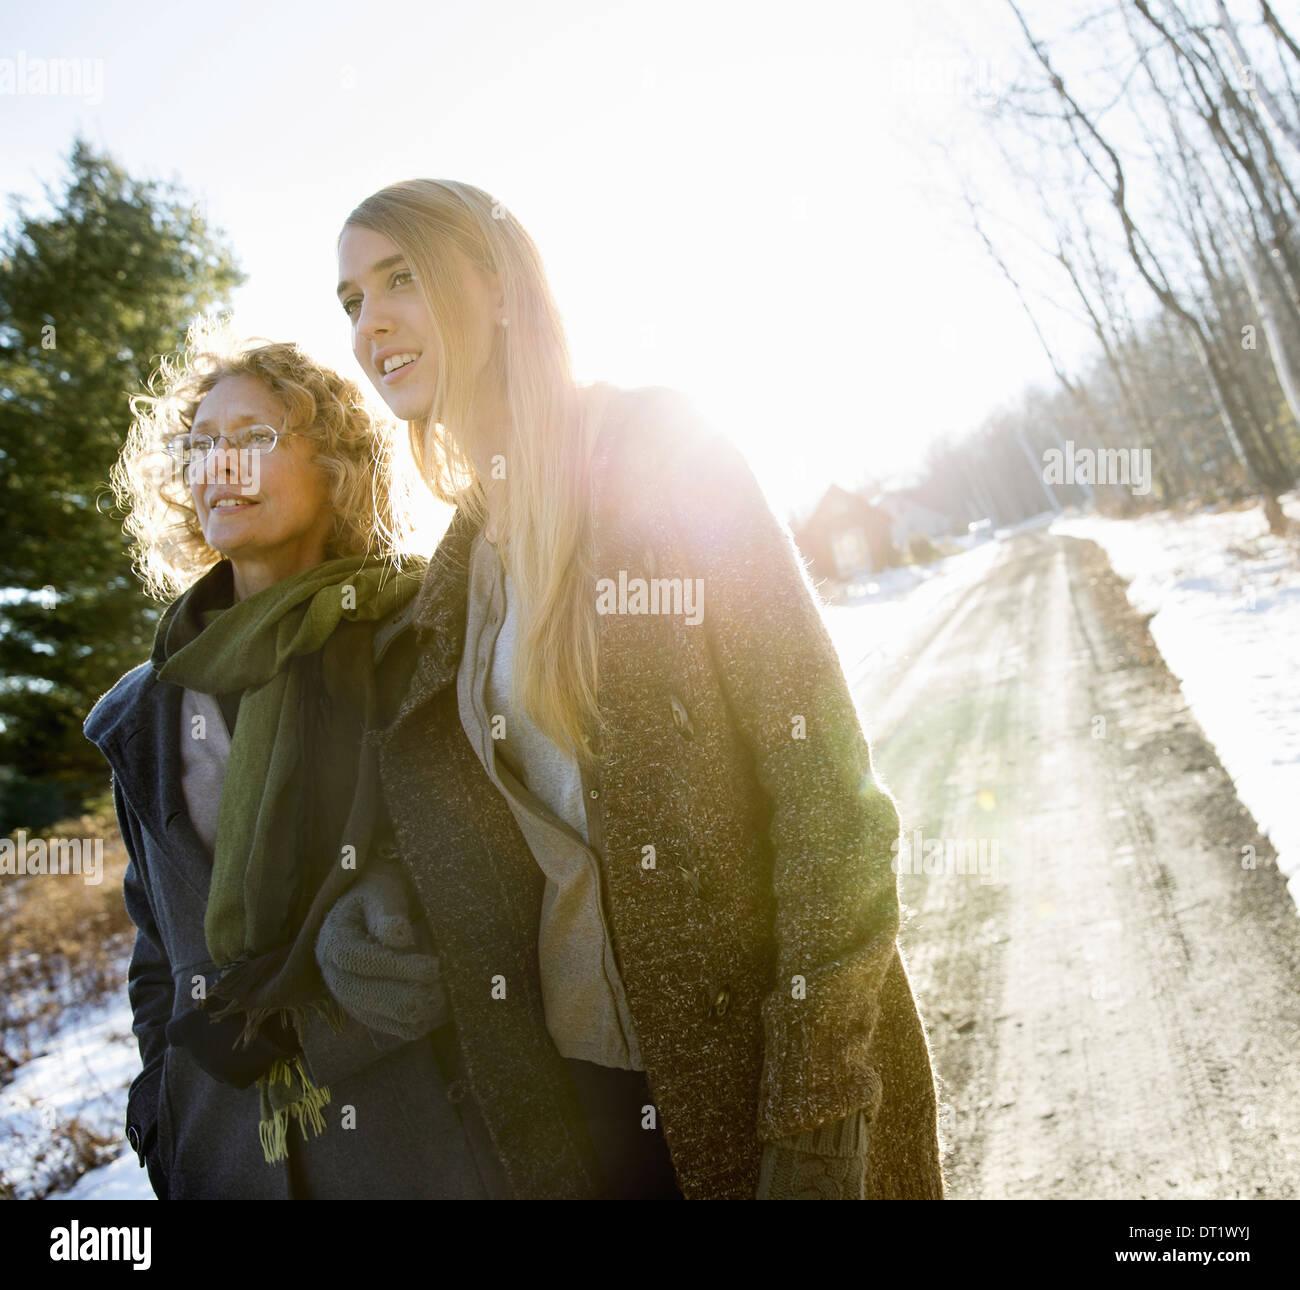 Mère et fille à l'extérieur l'hiver Photo Stock